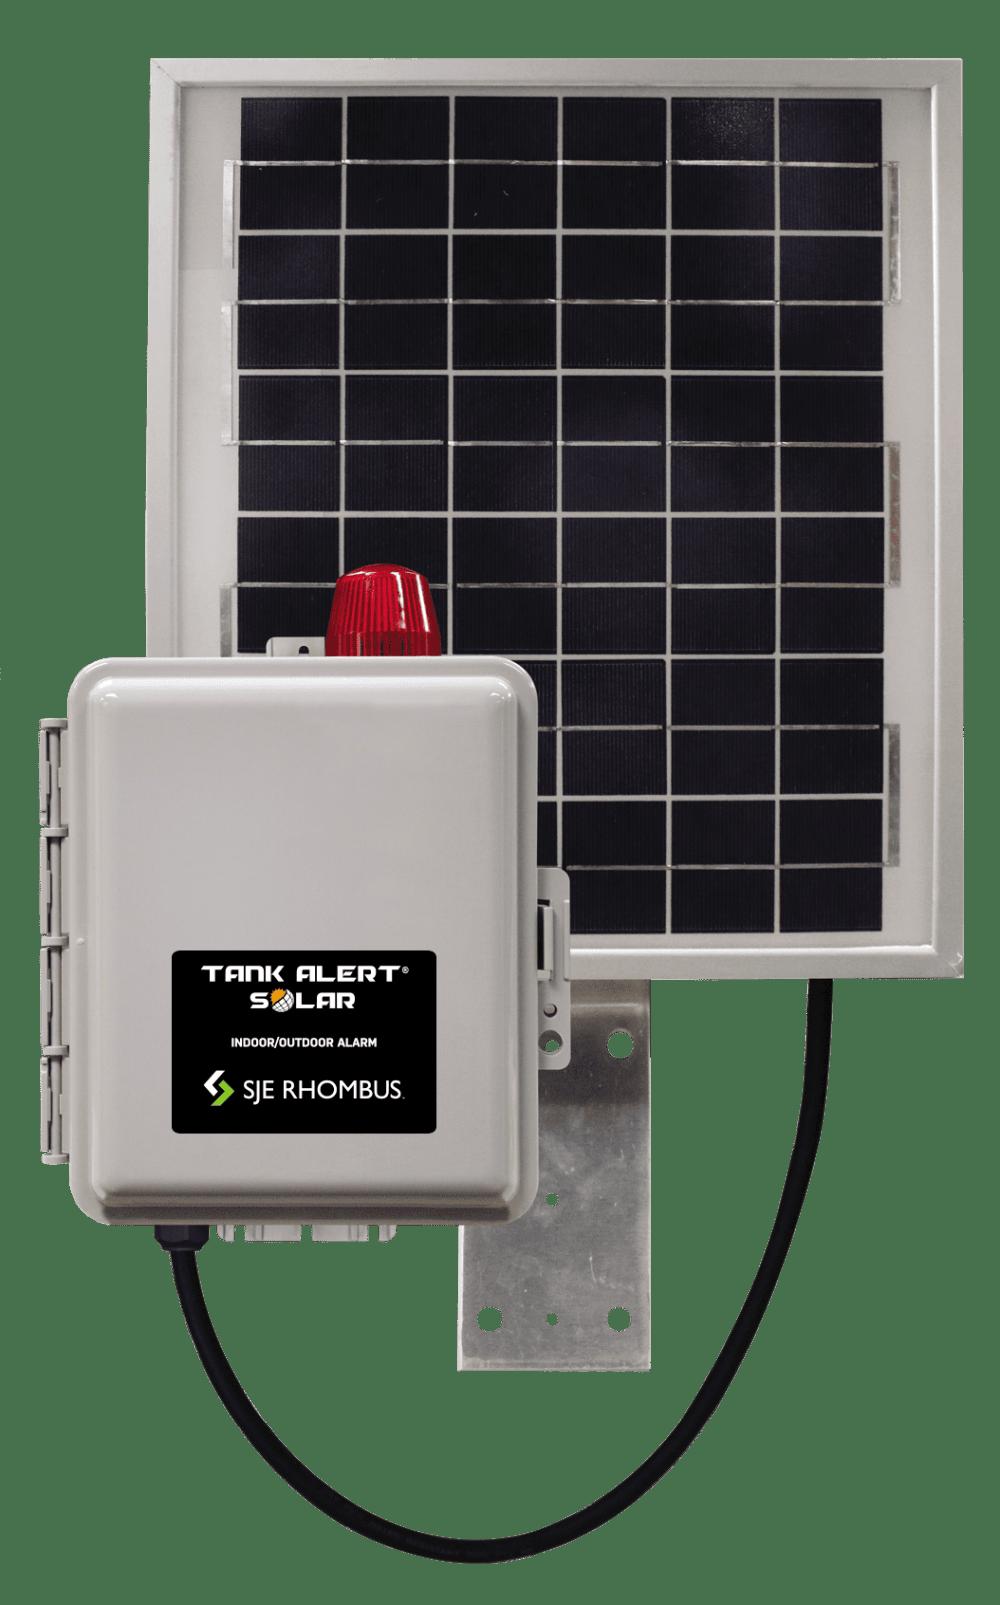 medium resolution of tank alert solar